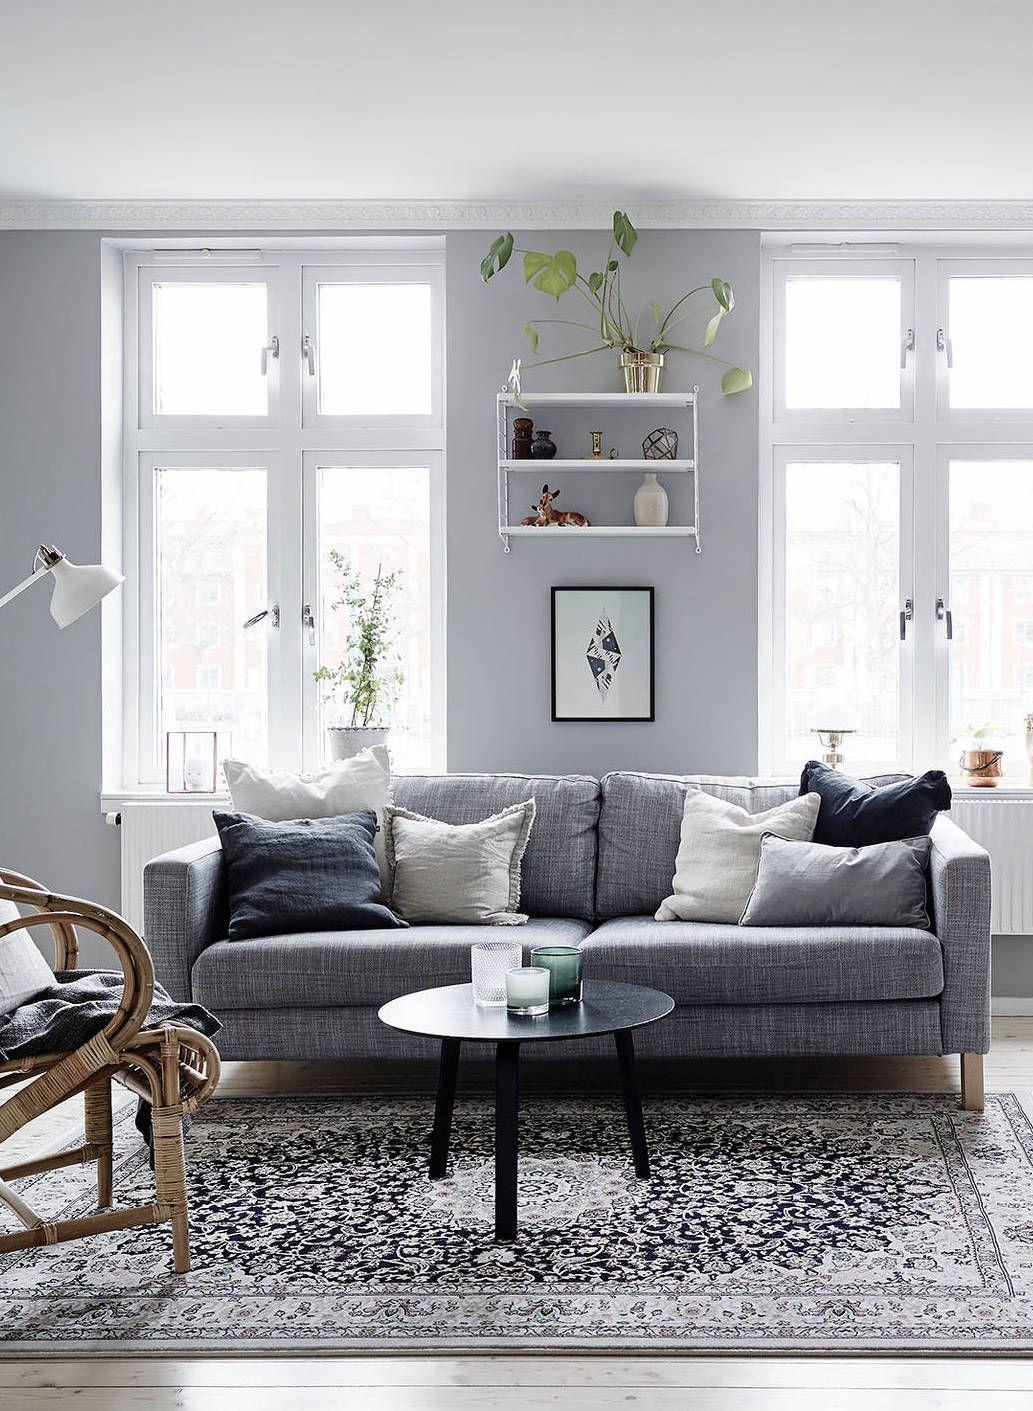 Soft Grey Home - Via Cocolapinedesign.com